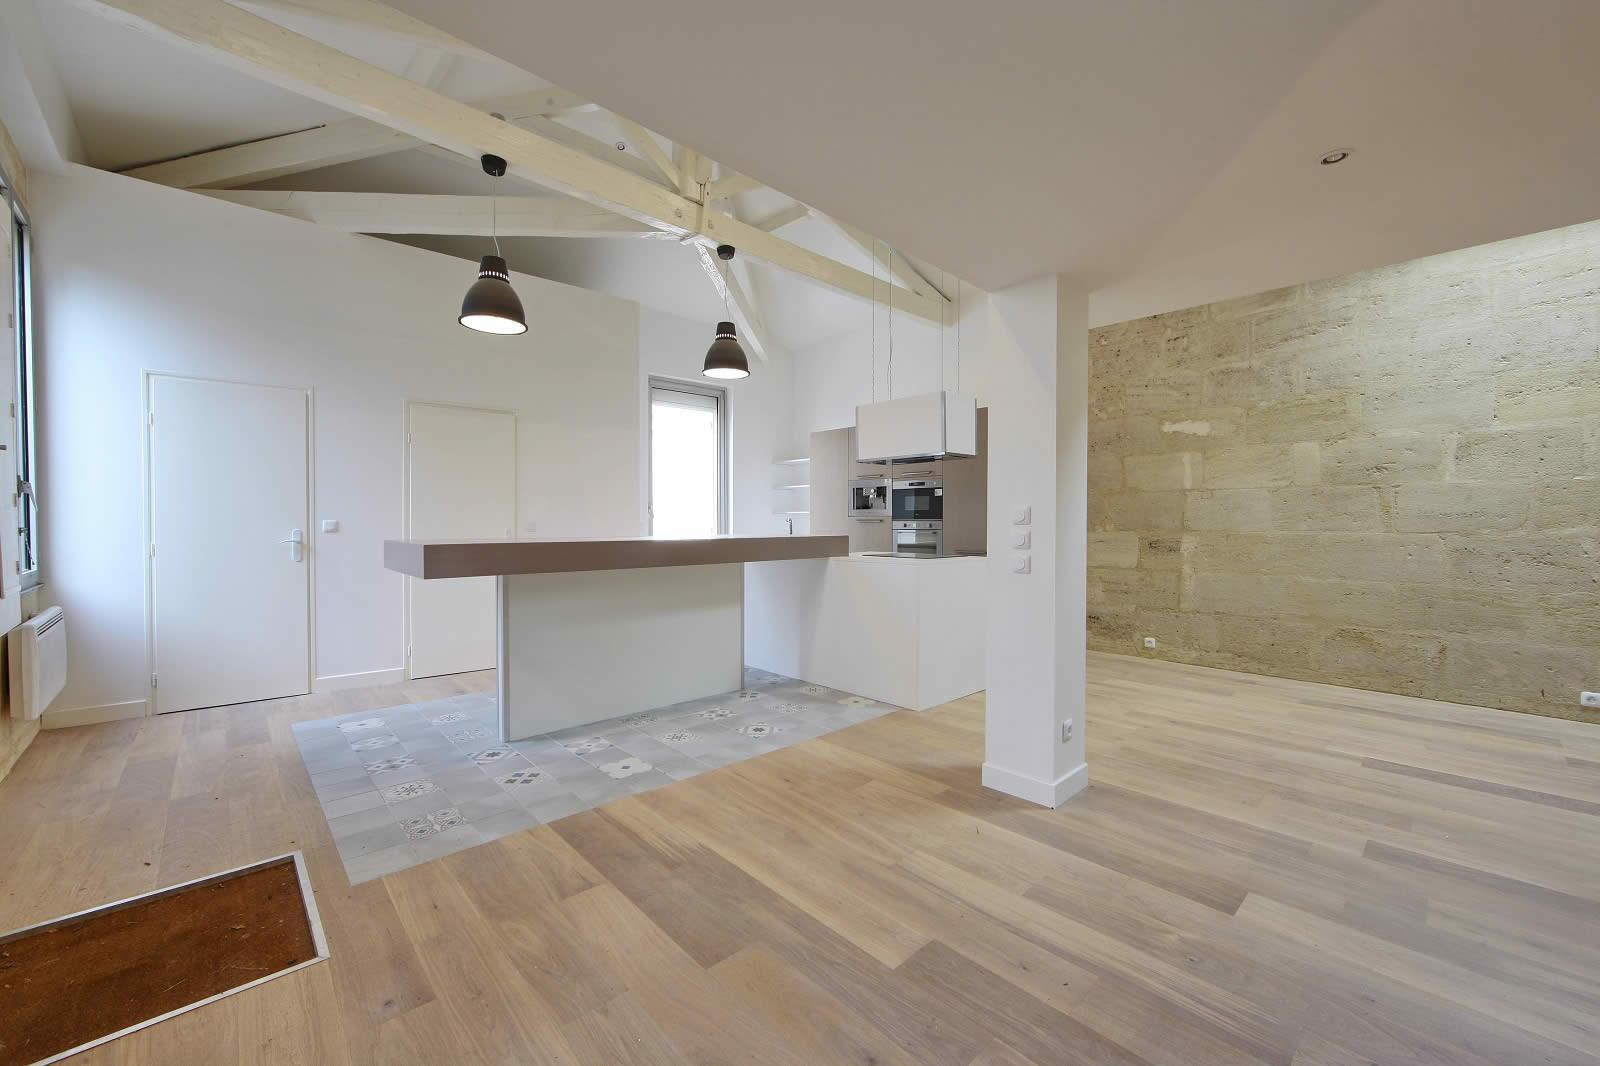 Maison renovée avec parquet neuf, poutres apparentes et cuisine ...